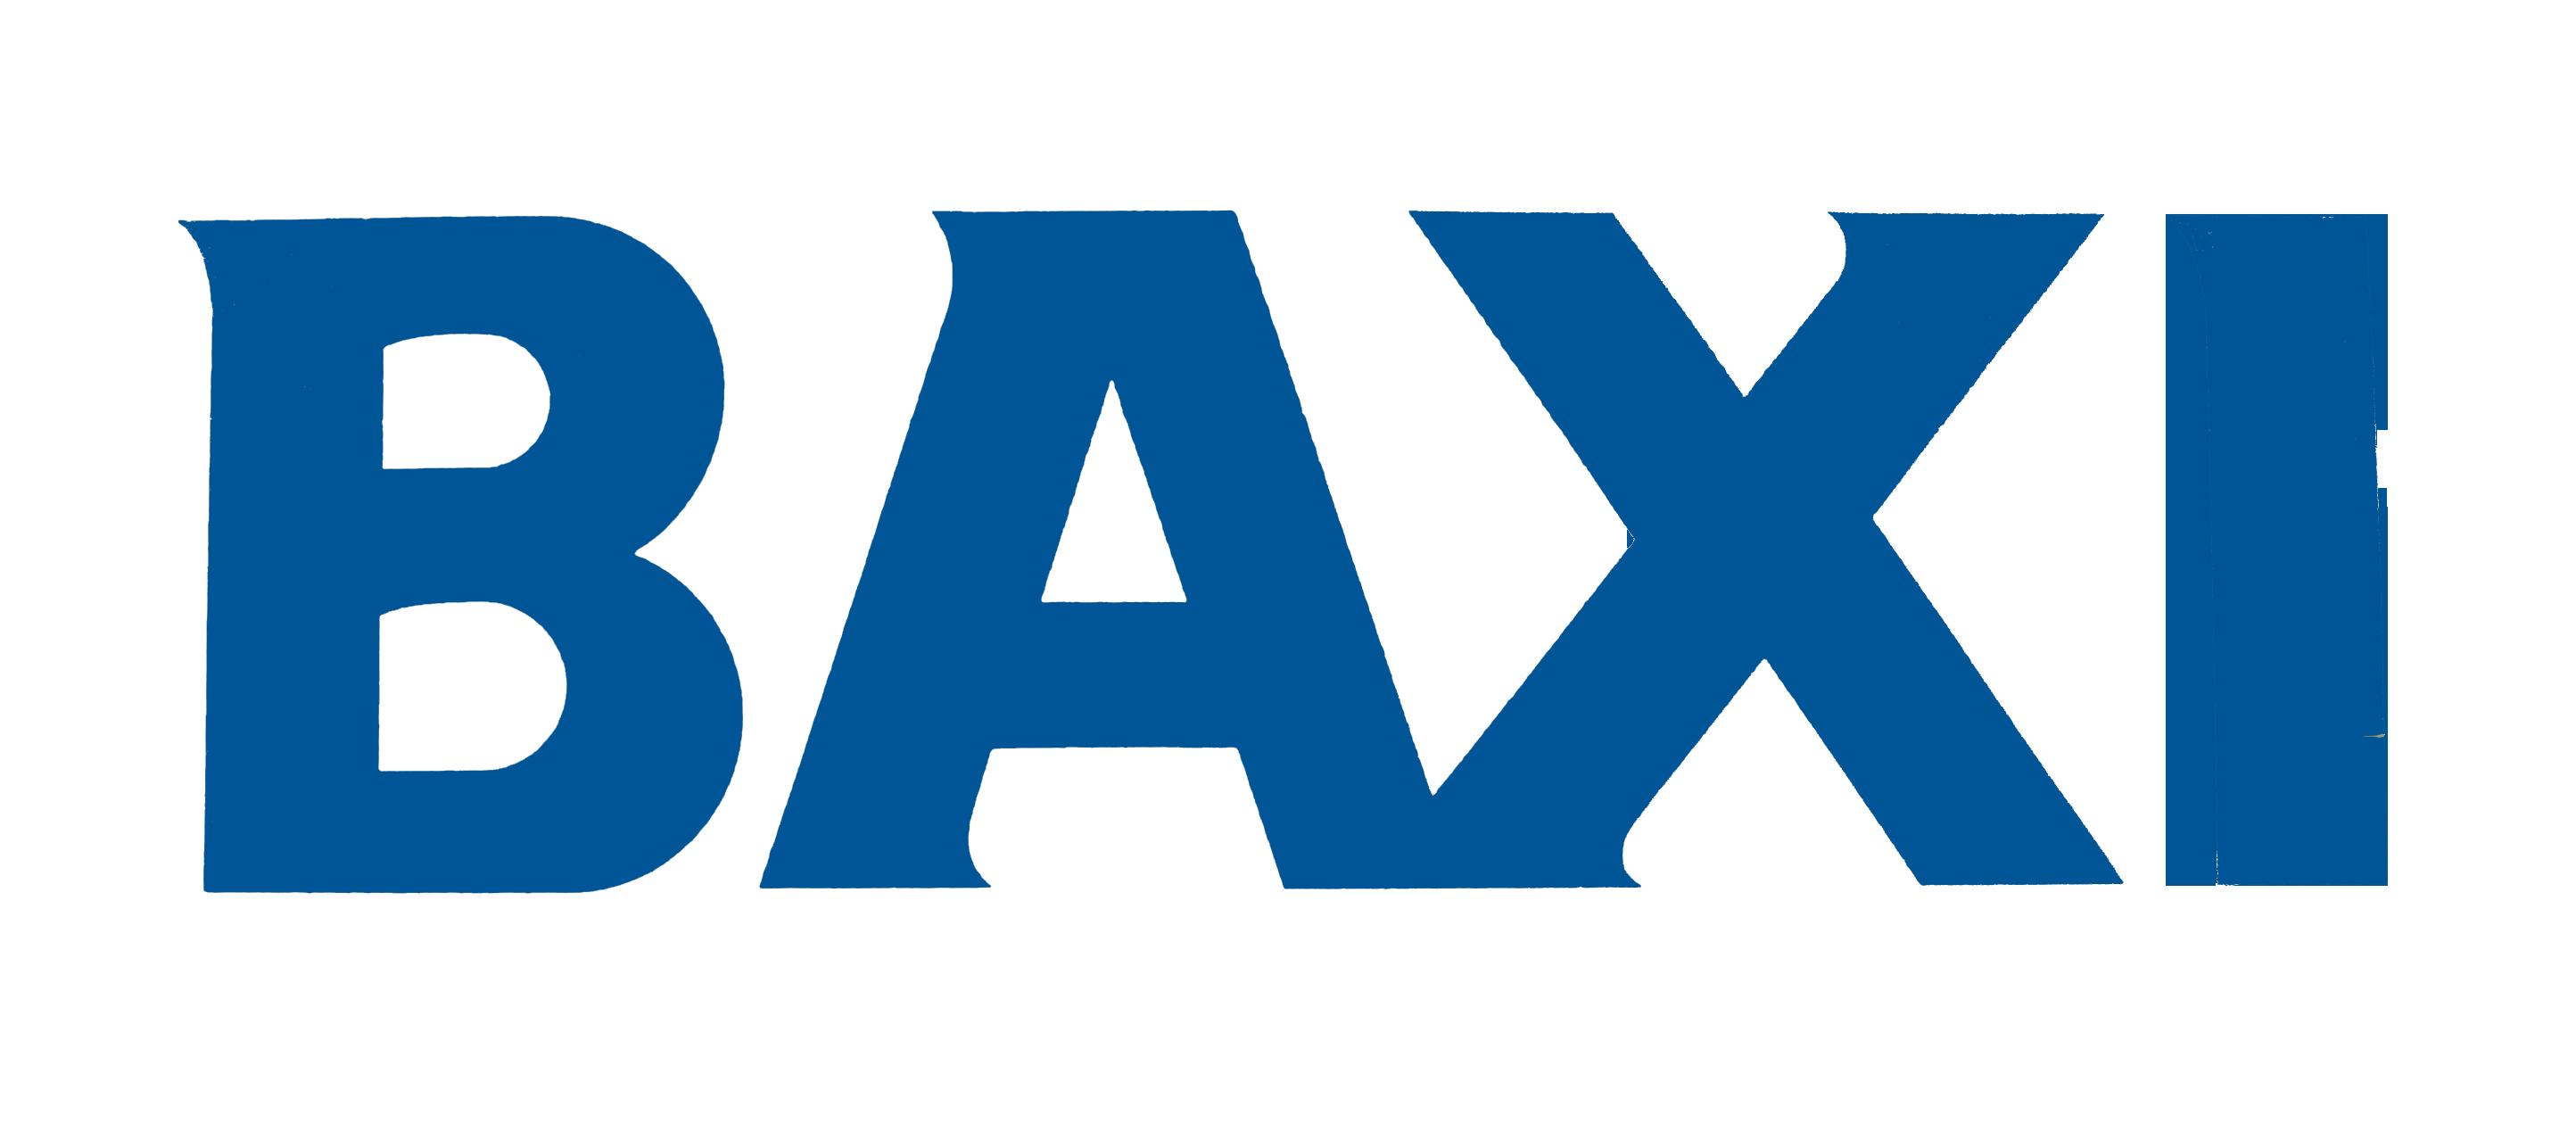 Baxi boiler logo - Aquavolt boiler installations in Yorkshire and North East Derbyshire